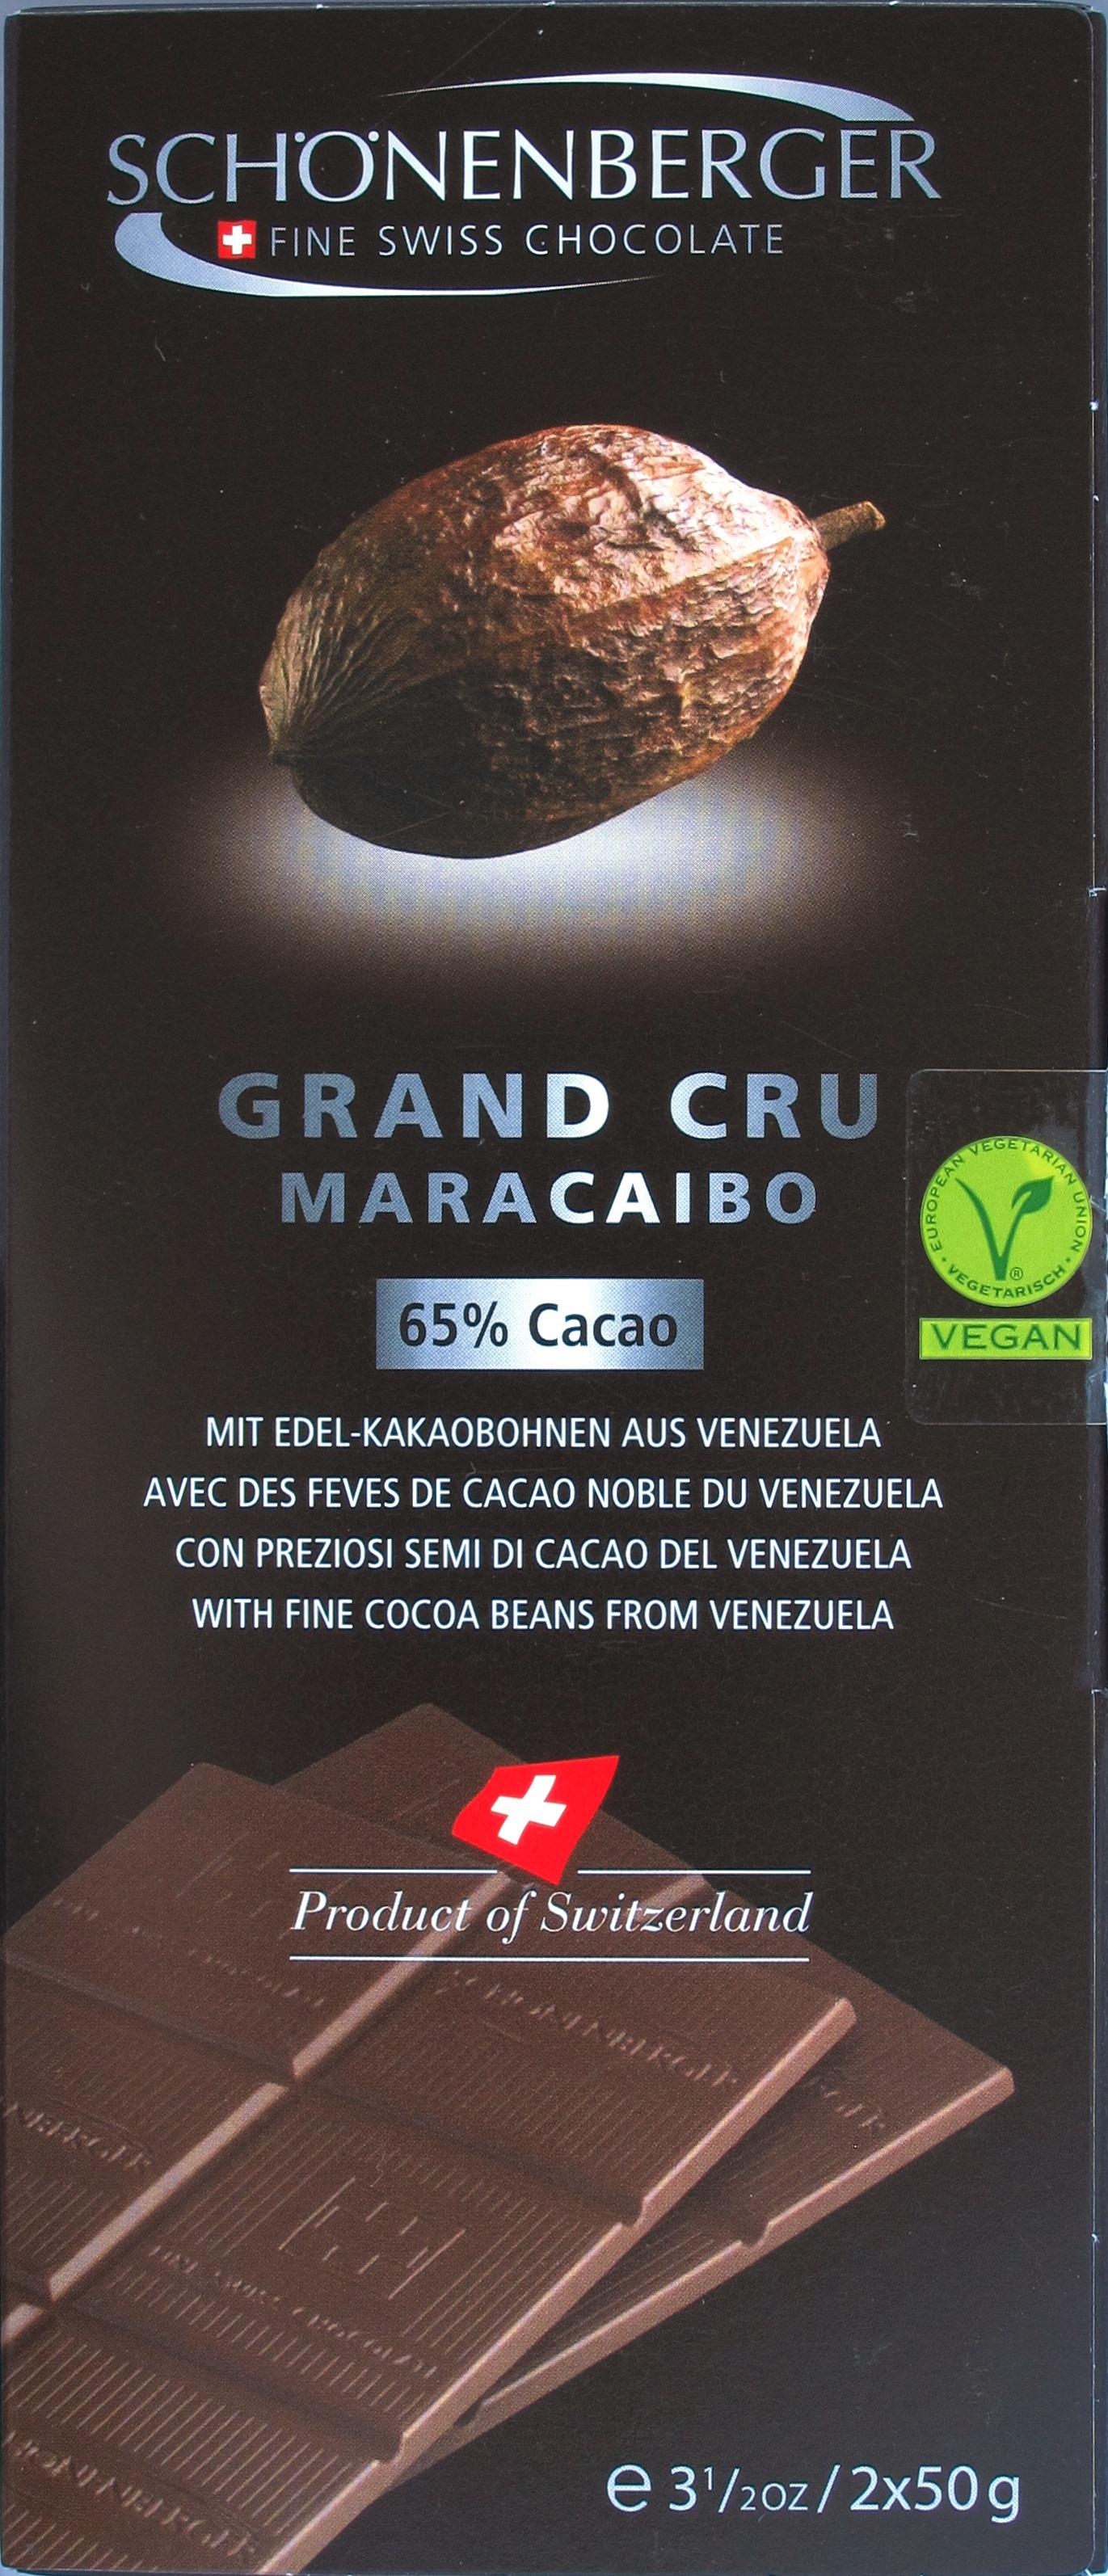 Umschlag der Schönenberger 'Grand Cru Maracaibo 65%'